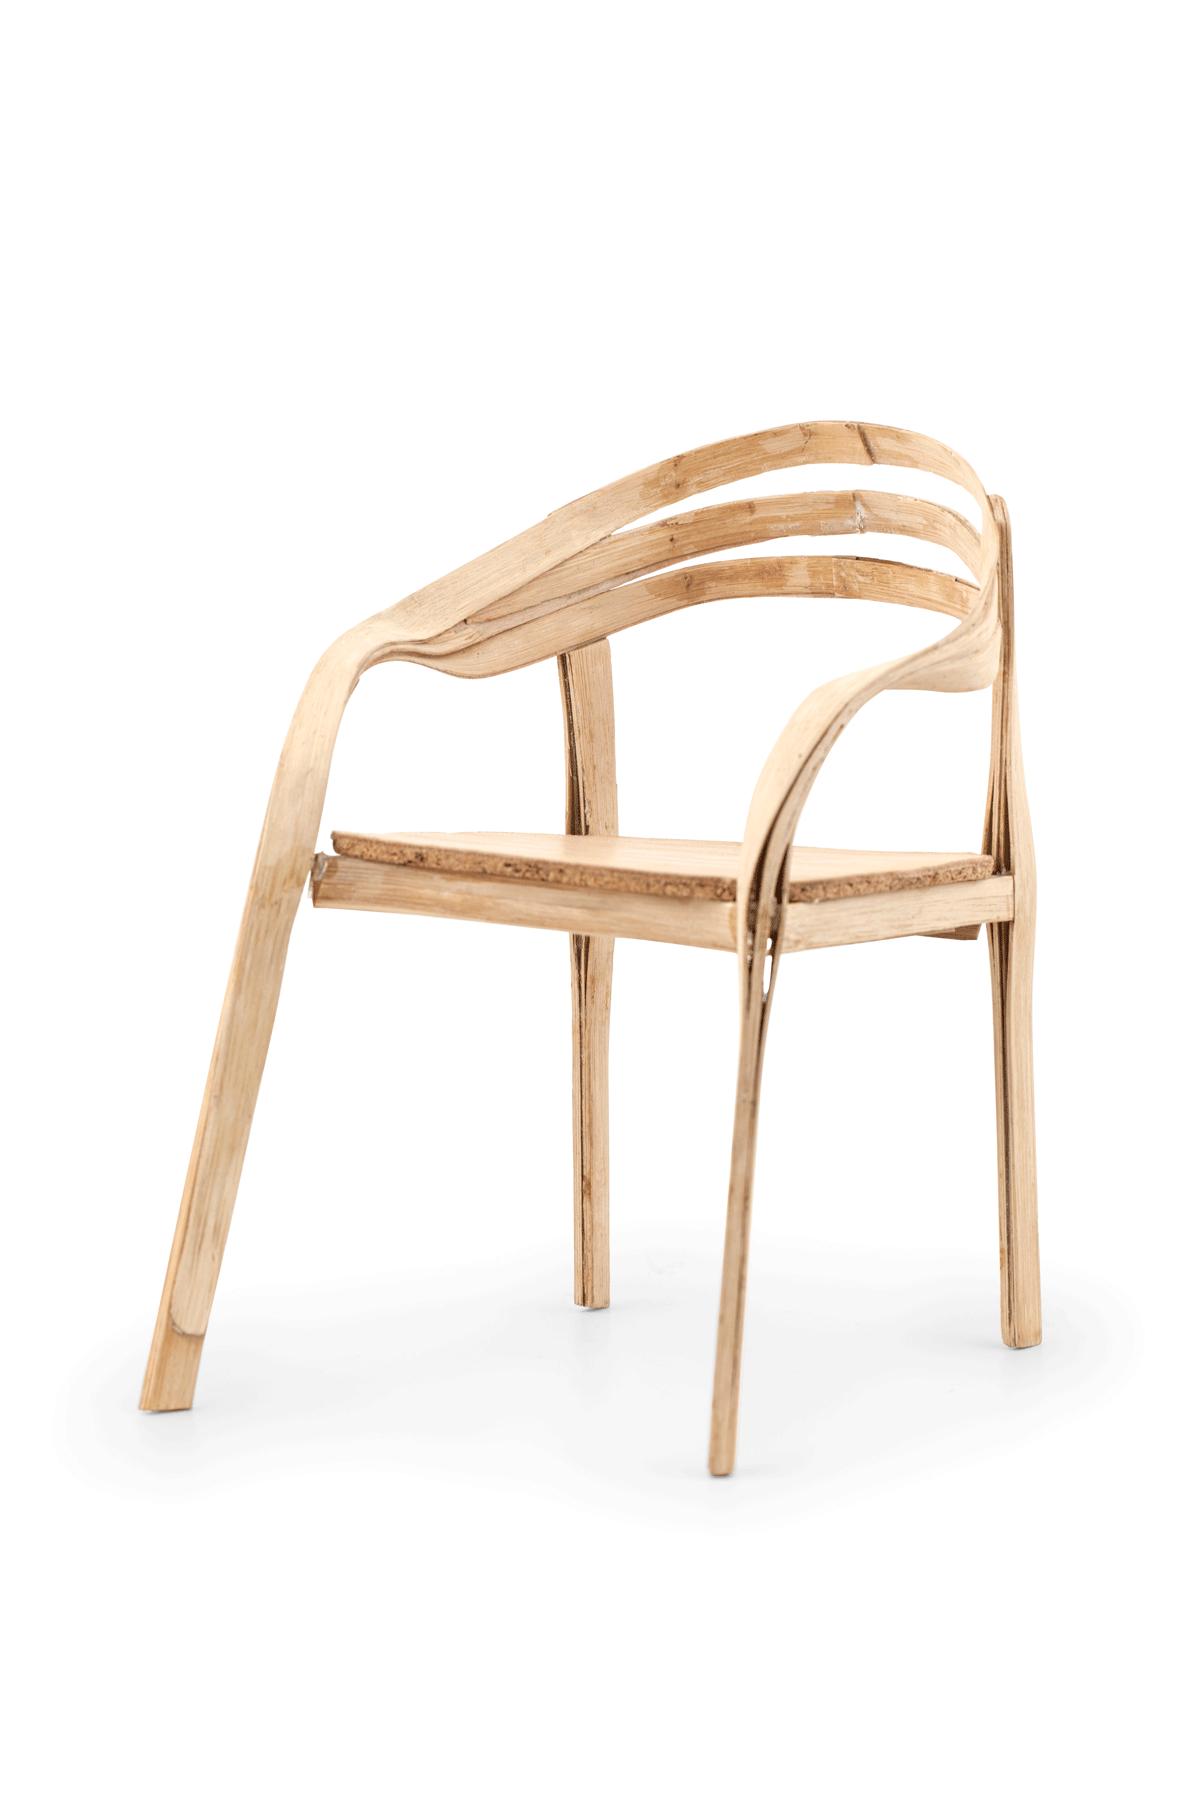 27.嘉竹椅-